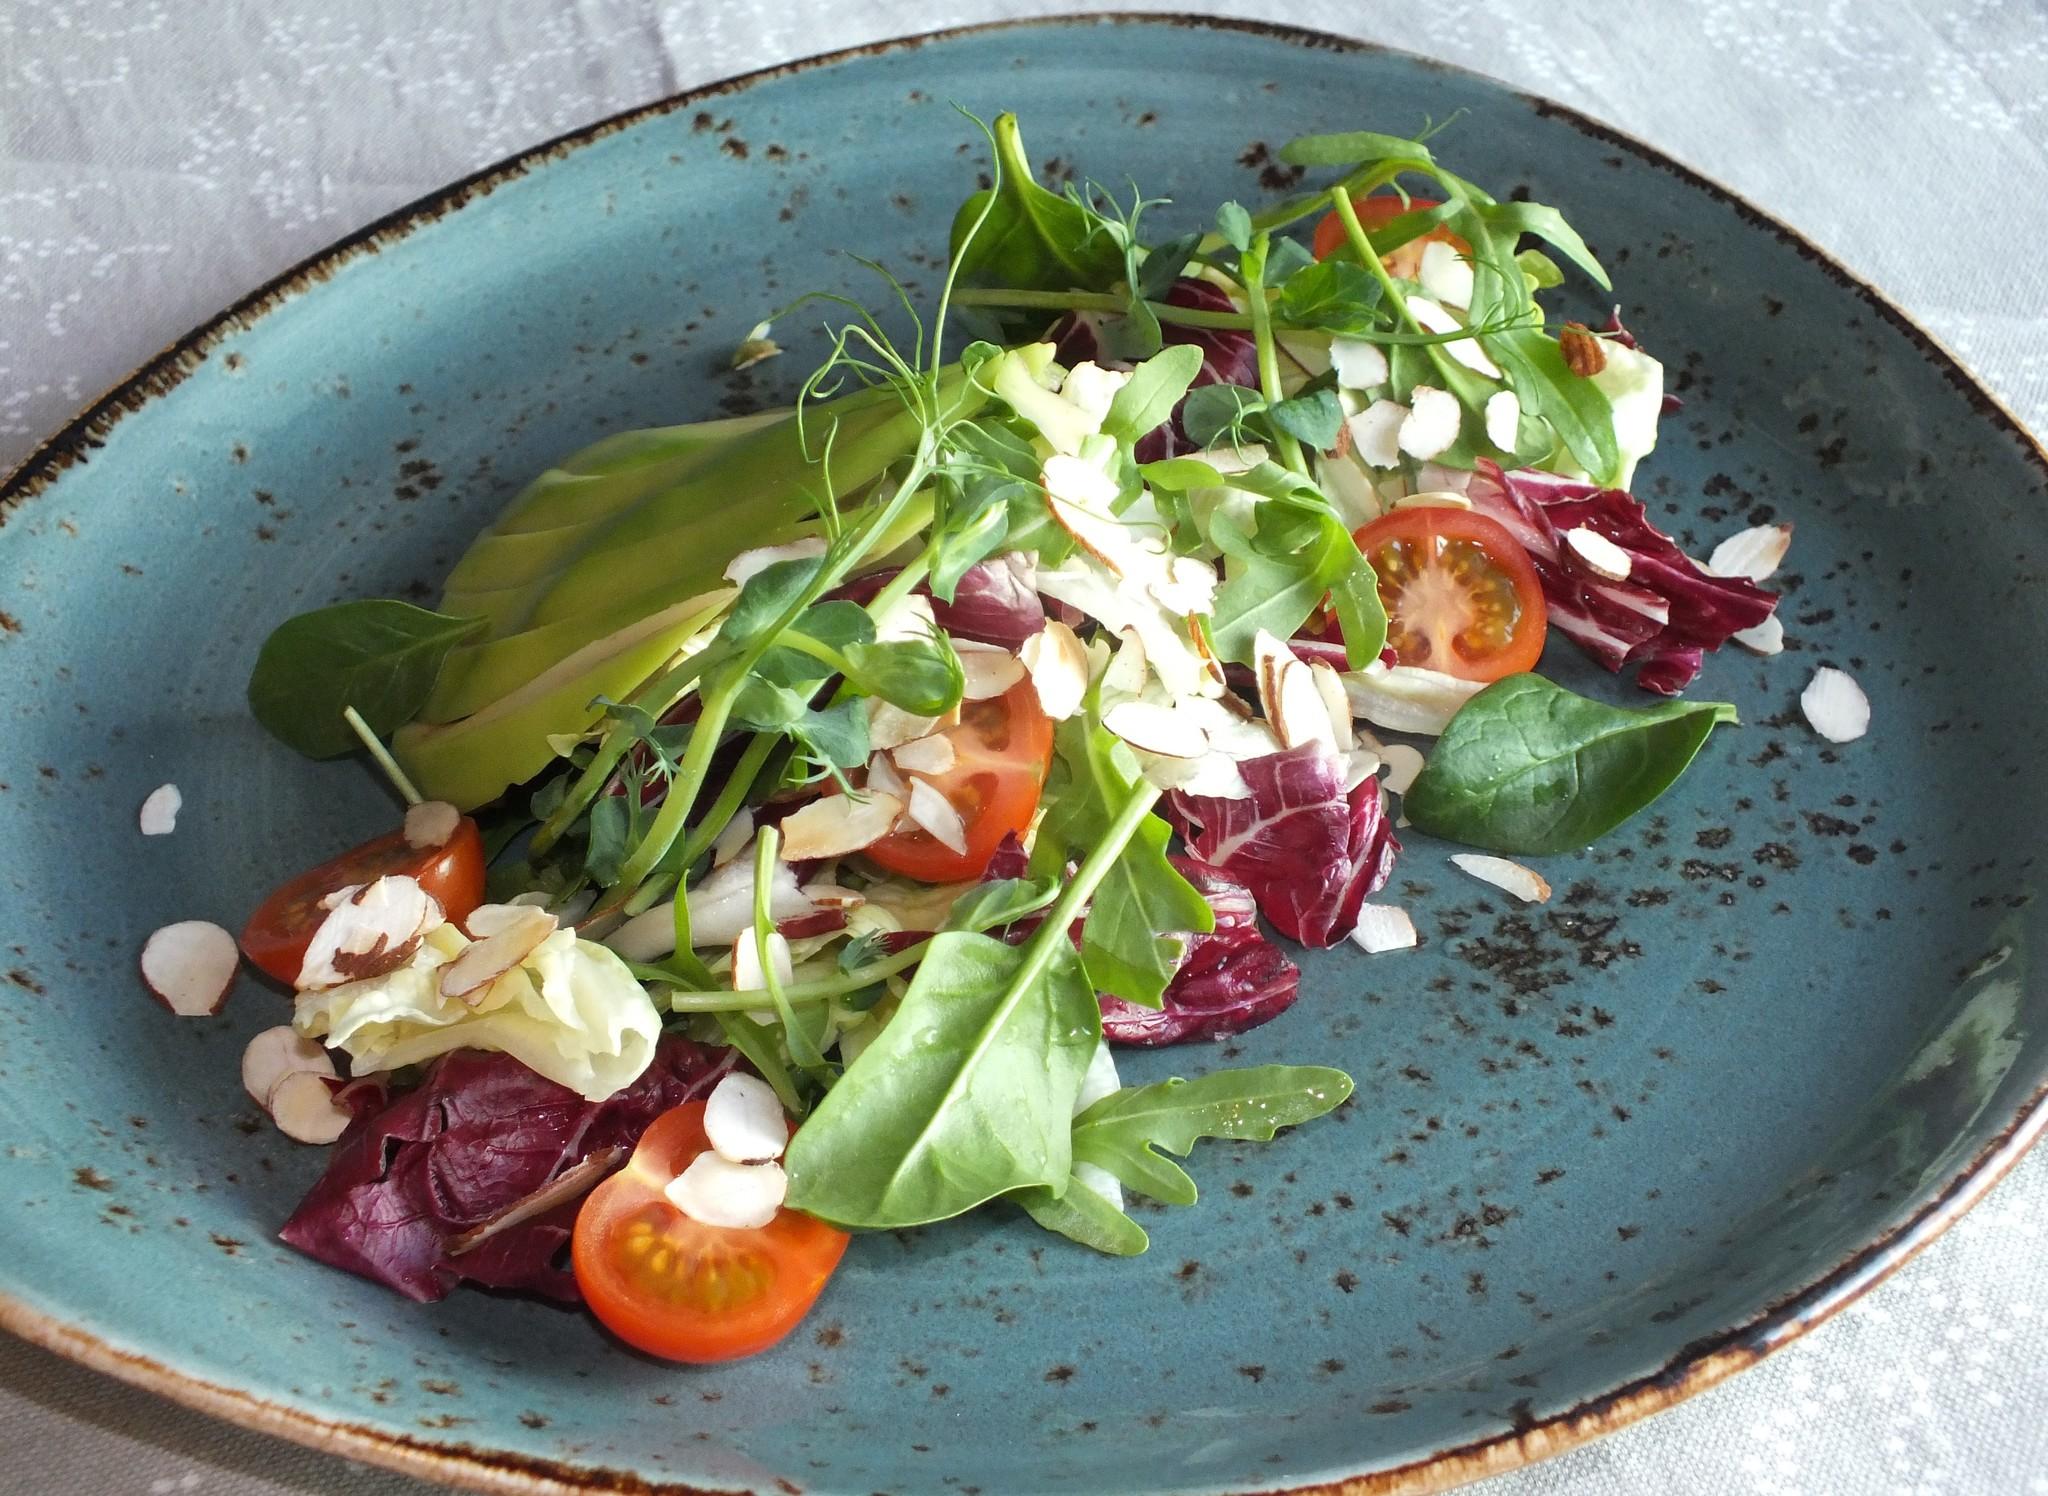 Зеленый салат с авокадо, томатами черри  и миндальными лепестками